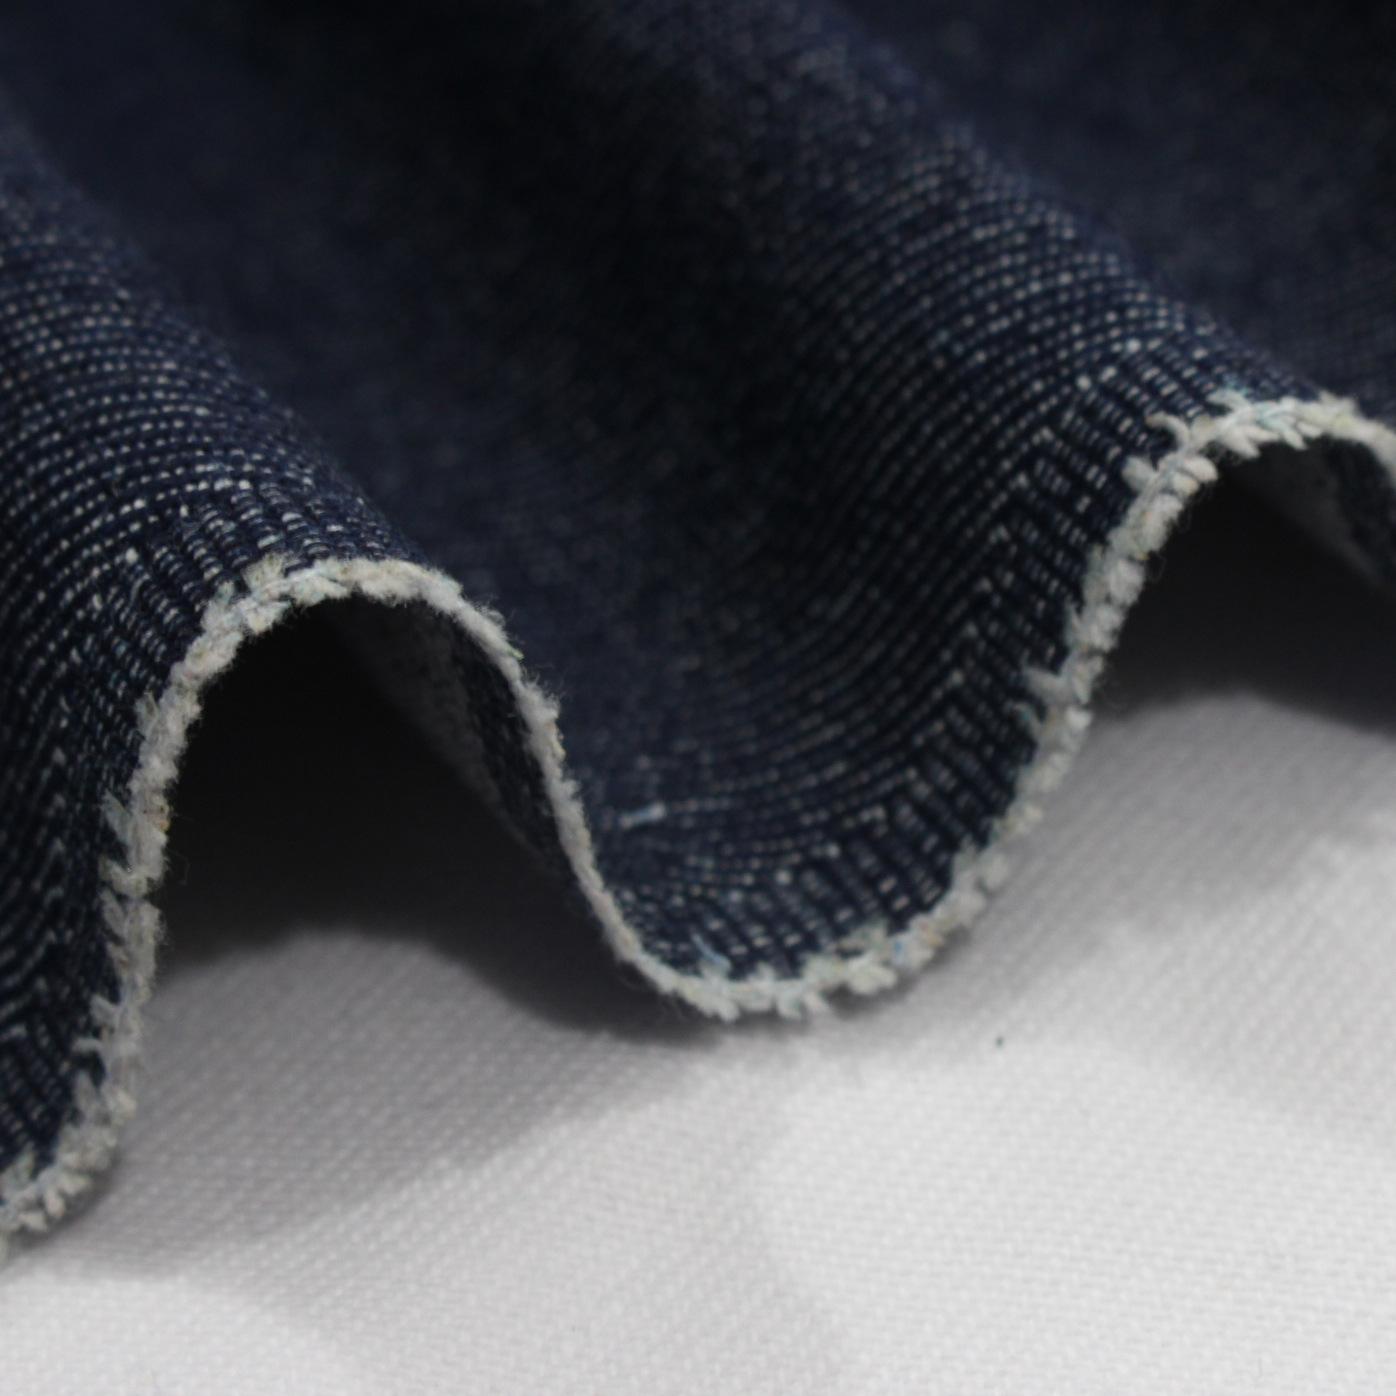 Vải lao động, chi phí thấp chế biến, denim, chi phí thấp bán hàng, vải denim, denim giá rẻ, lao động